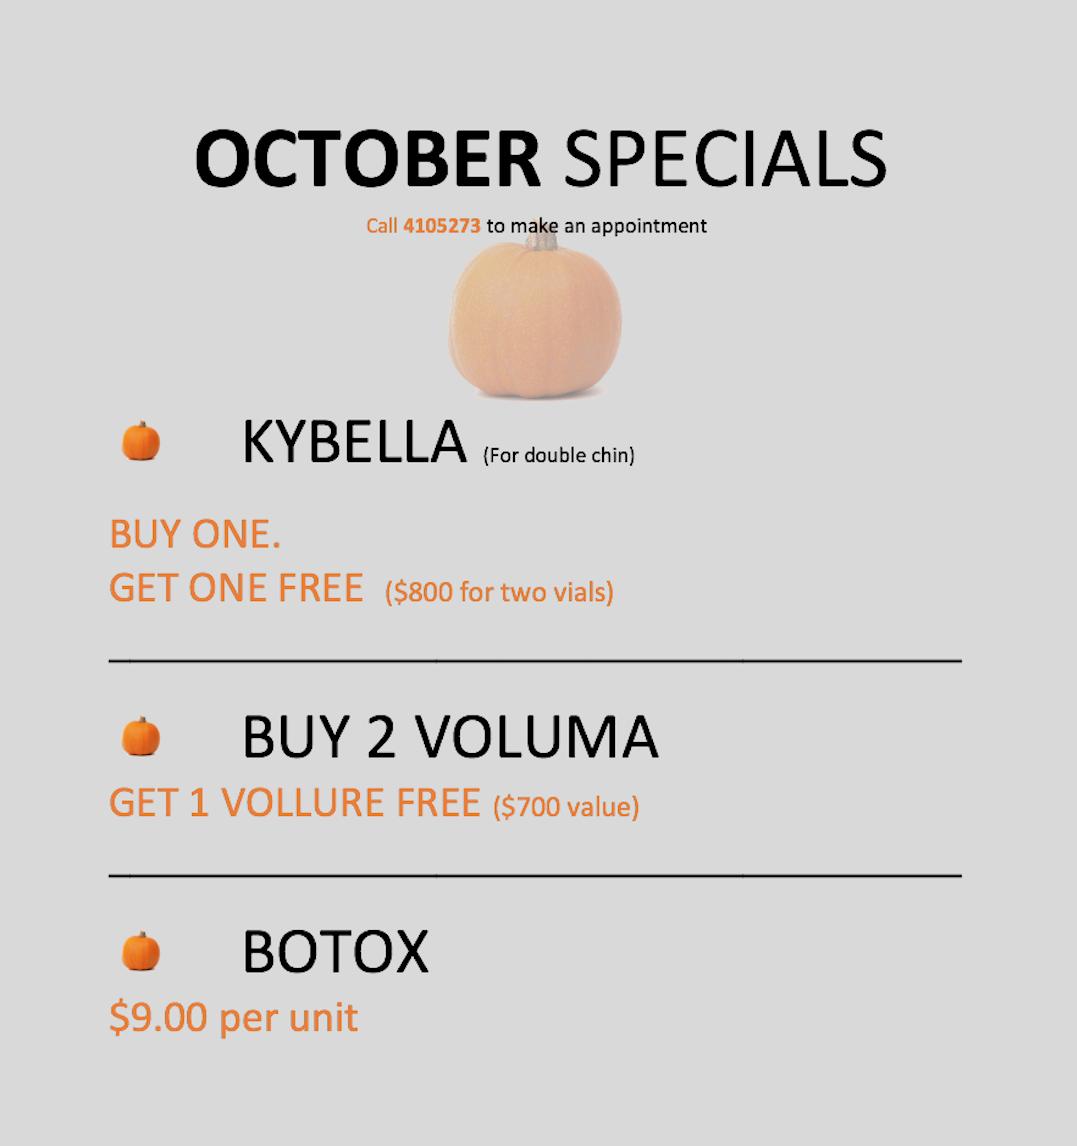 OCTOBER SPECIALS - CALL NOW